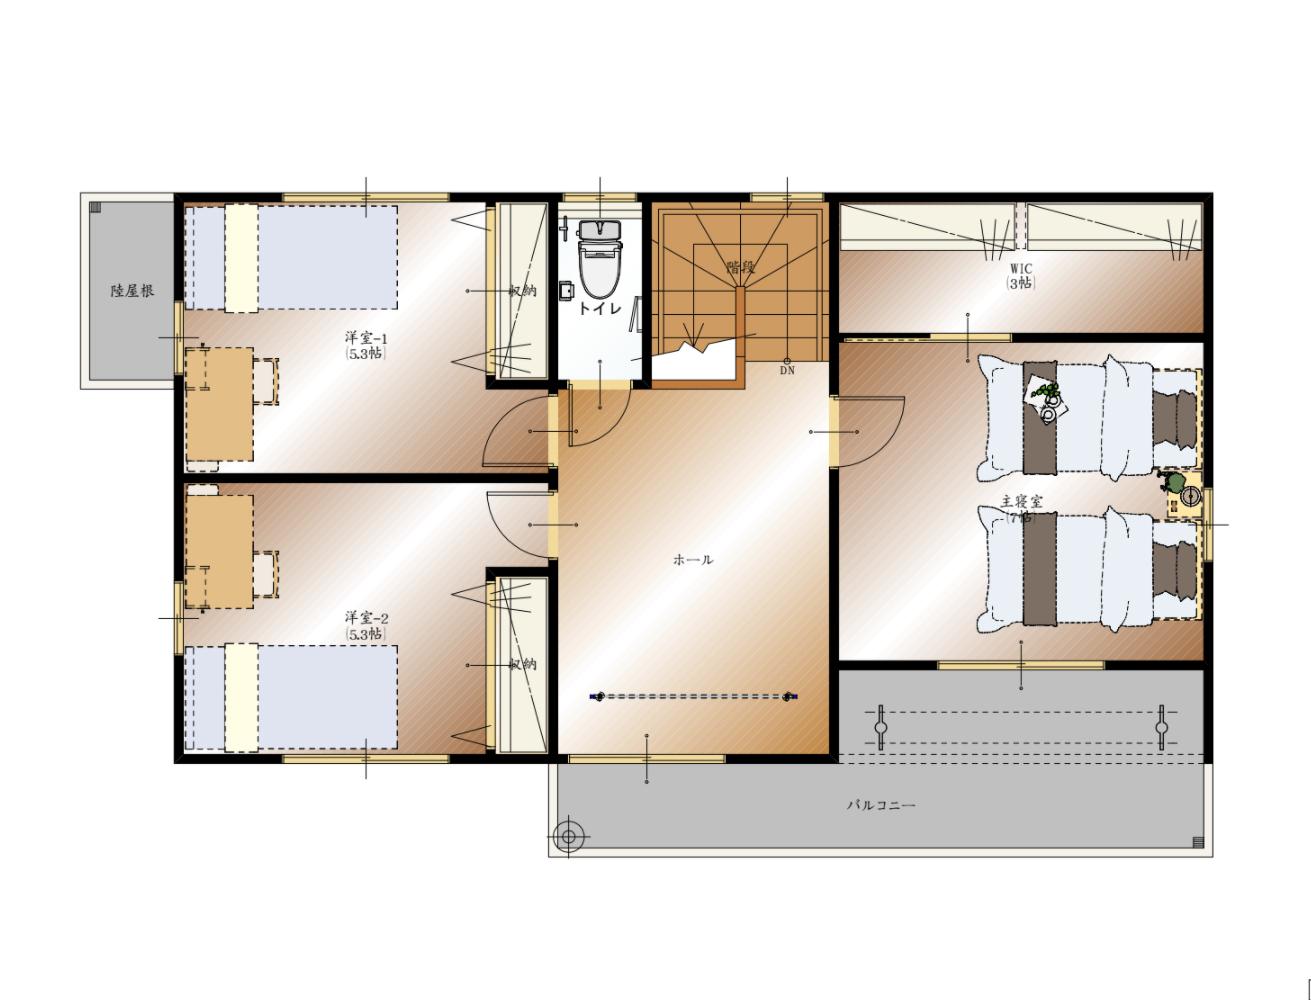 山梨県甲斐市下今井E 19号棟 新築建売住宅 2F 平面図